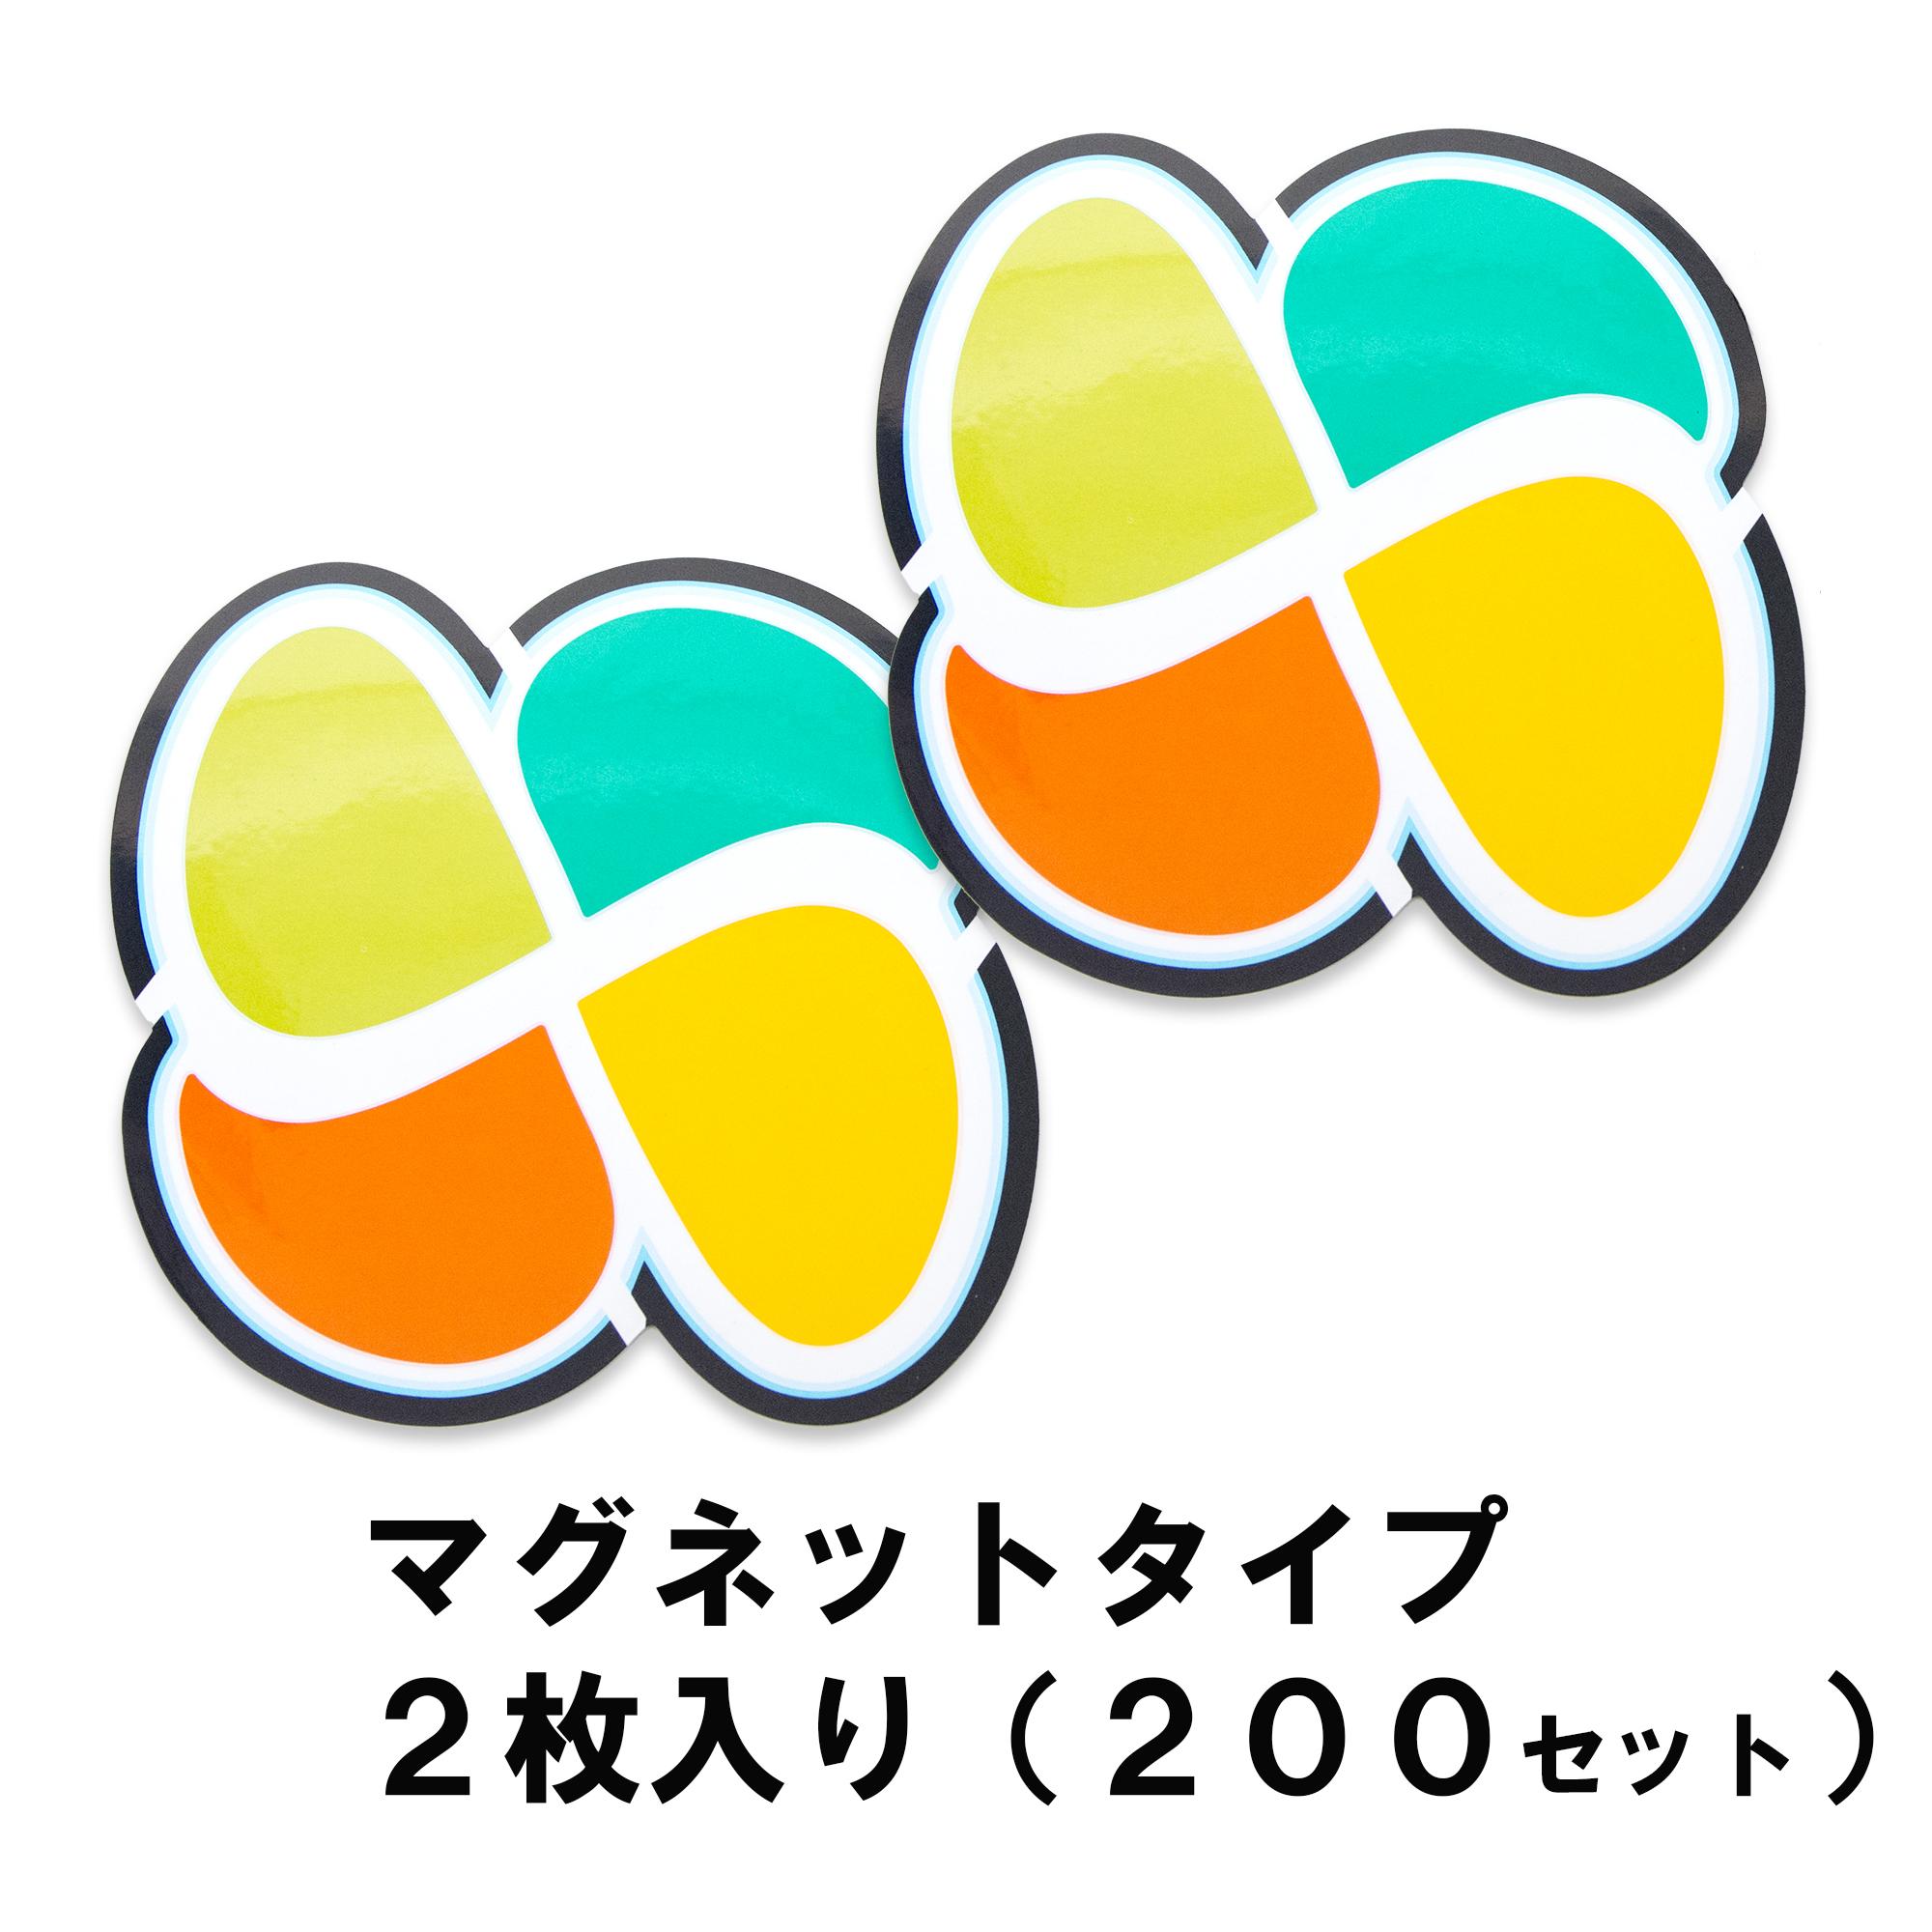 高齢者マーク 200s-1